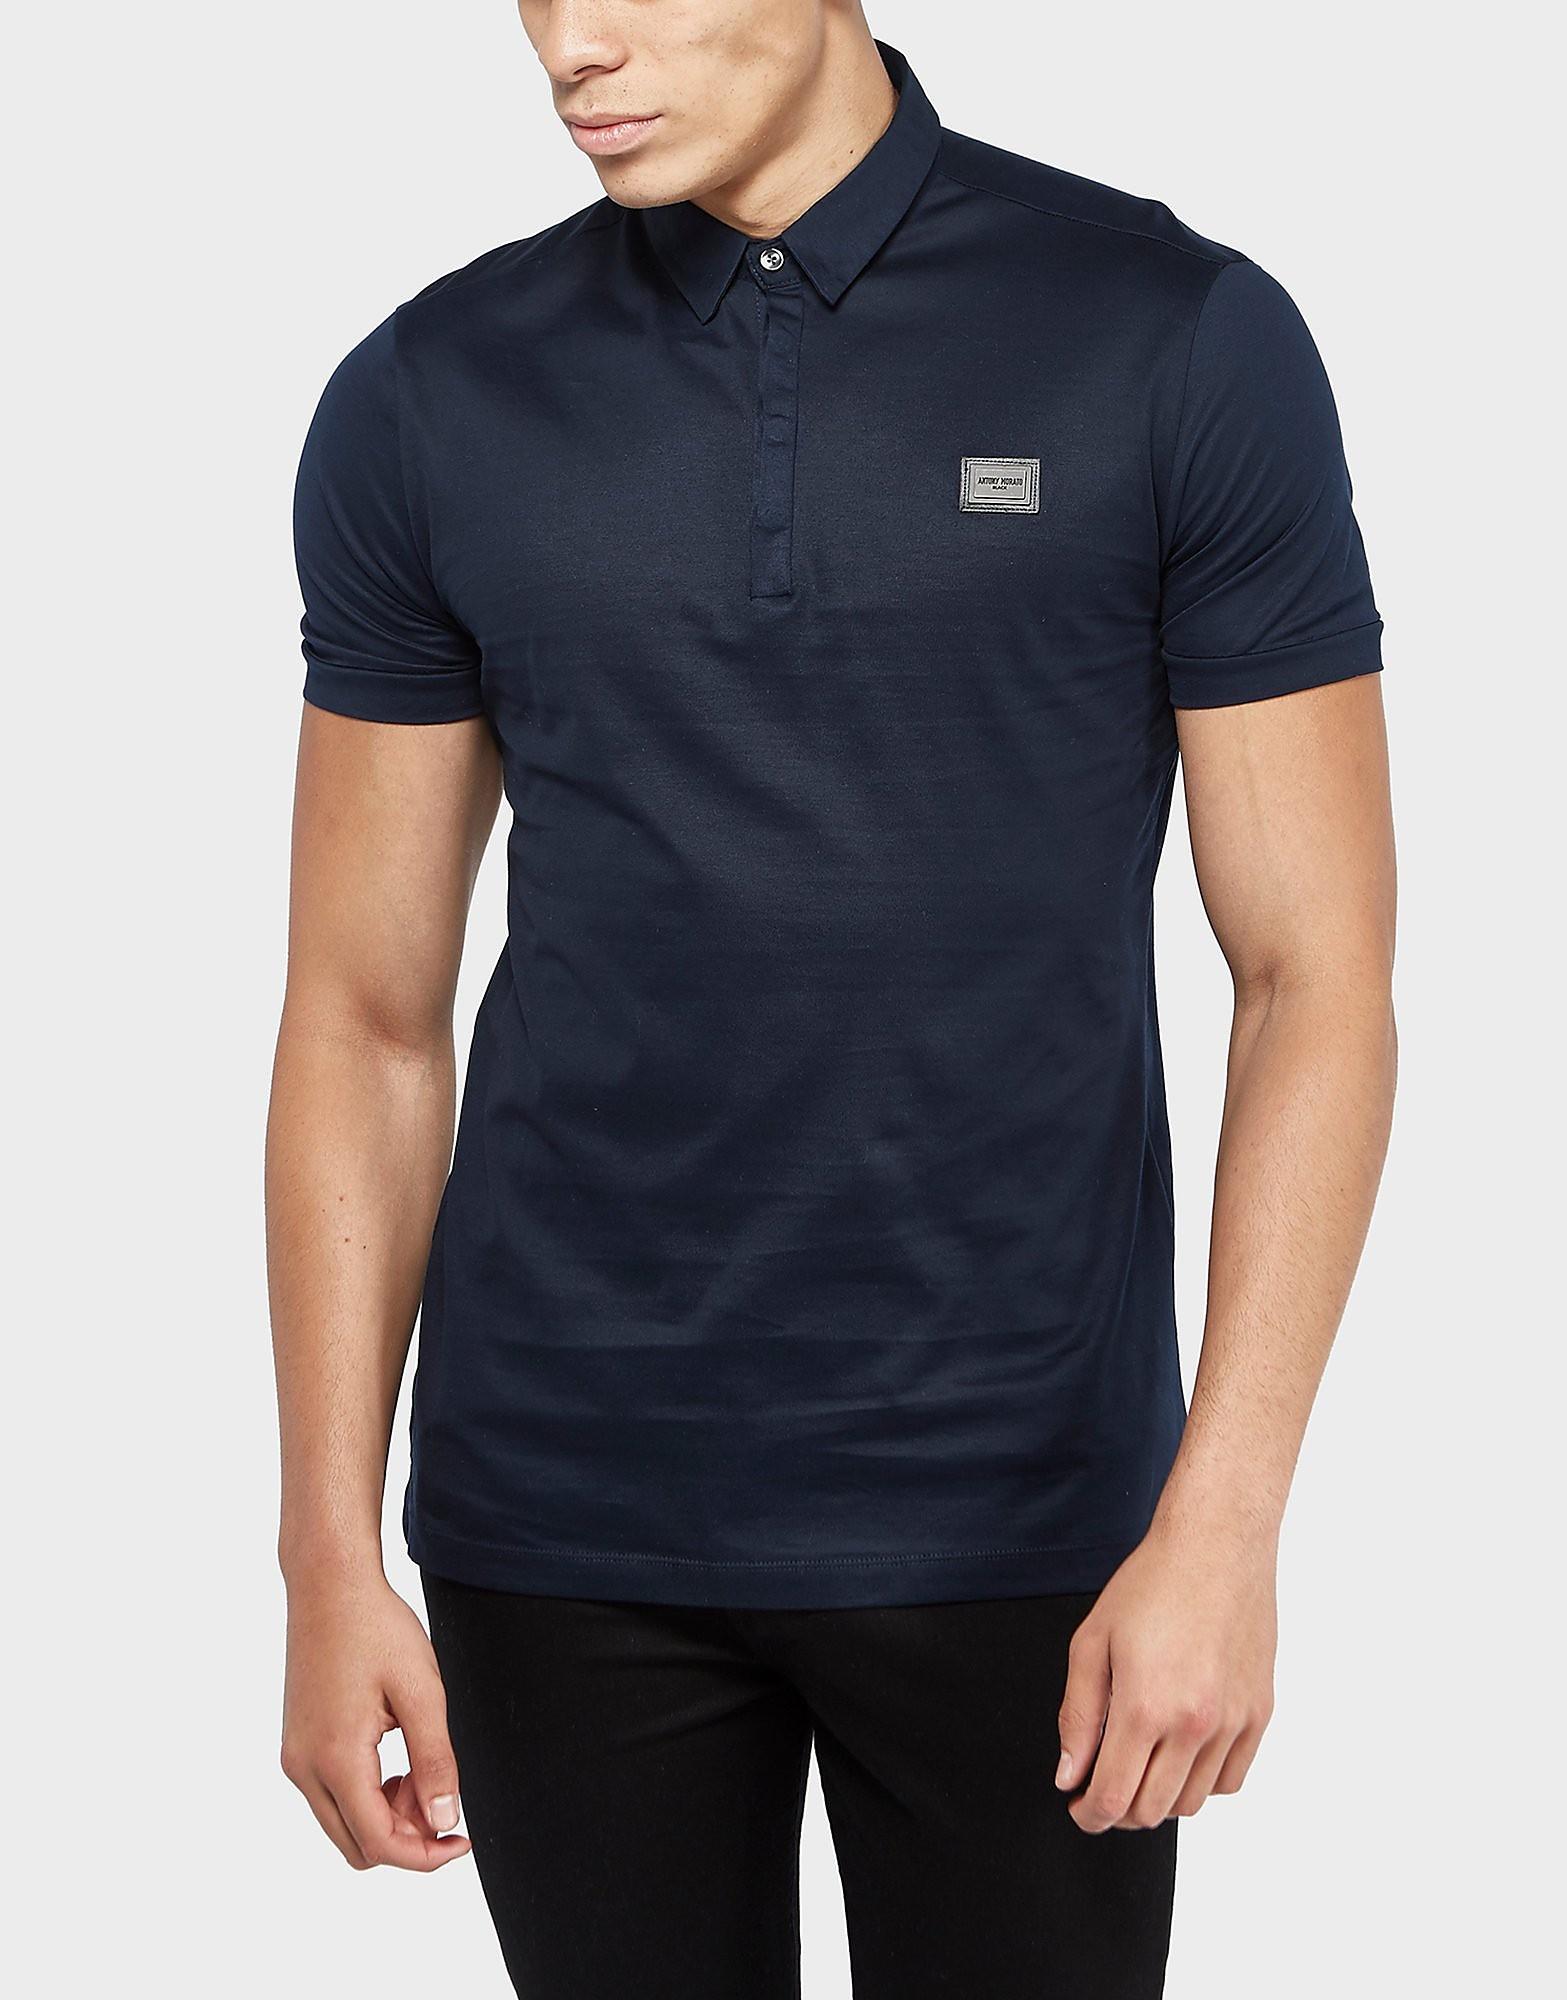 Antony Morato Plaque Short Sleeve Polo Shirt